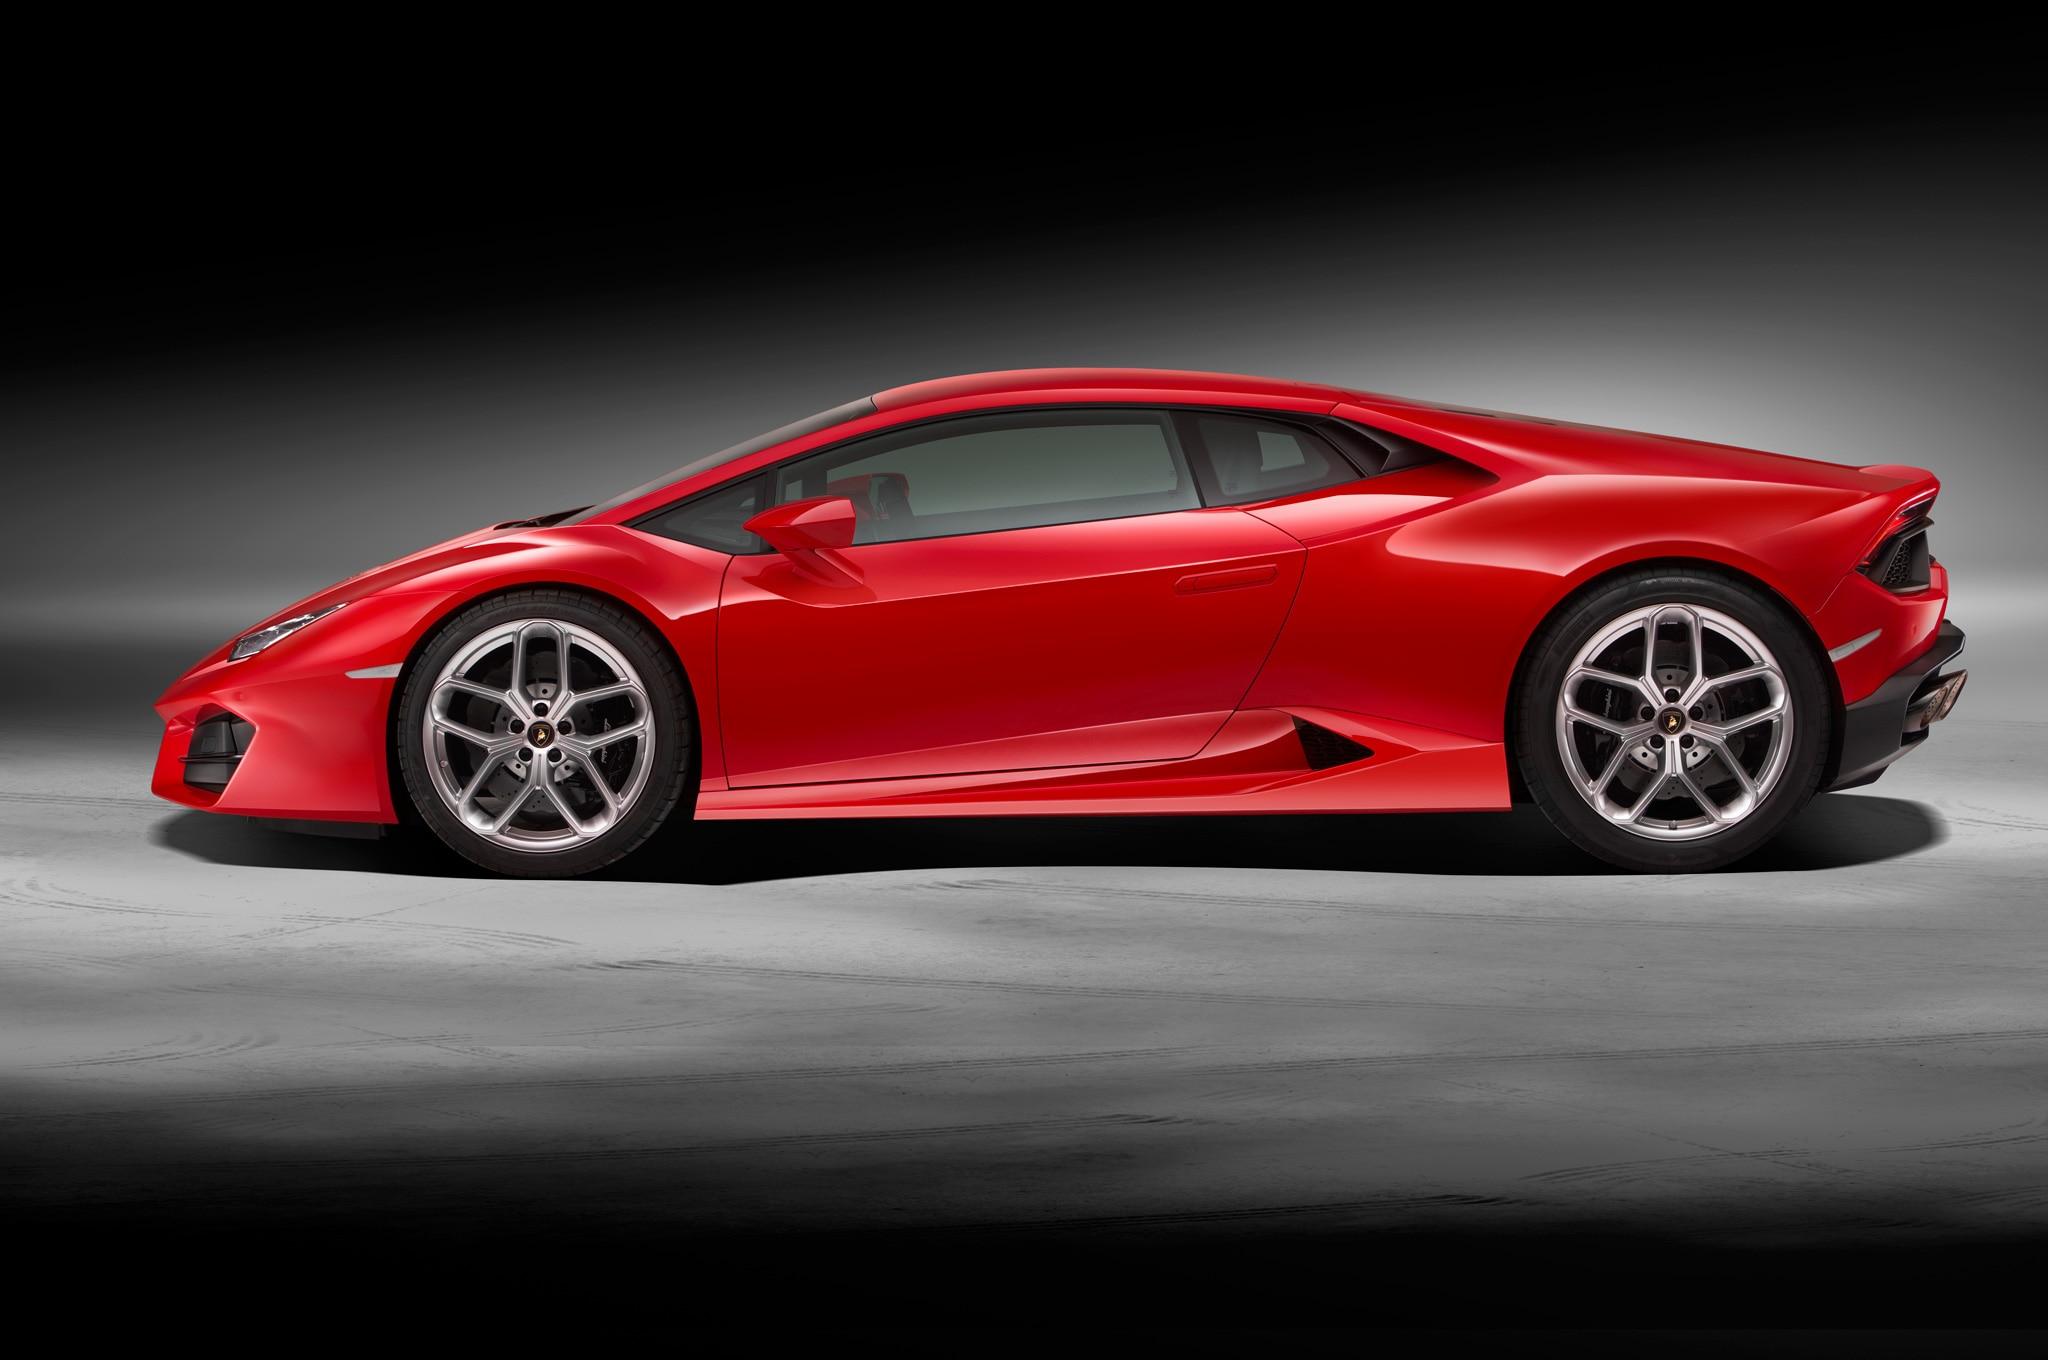 Lamborghini Huracan Lp 580 2 Is A Lighter Rear Drive V 10